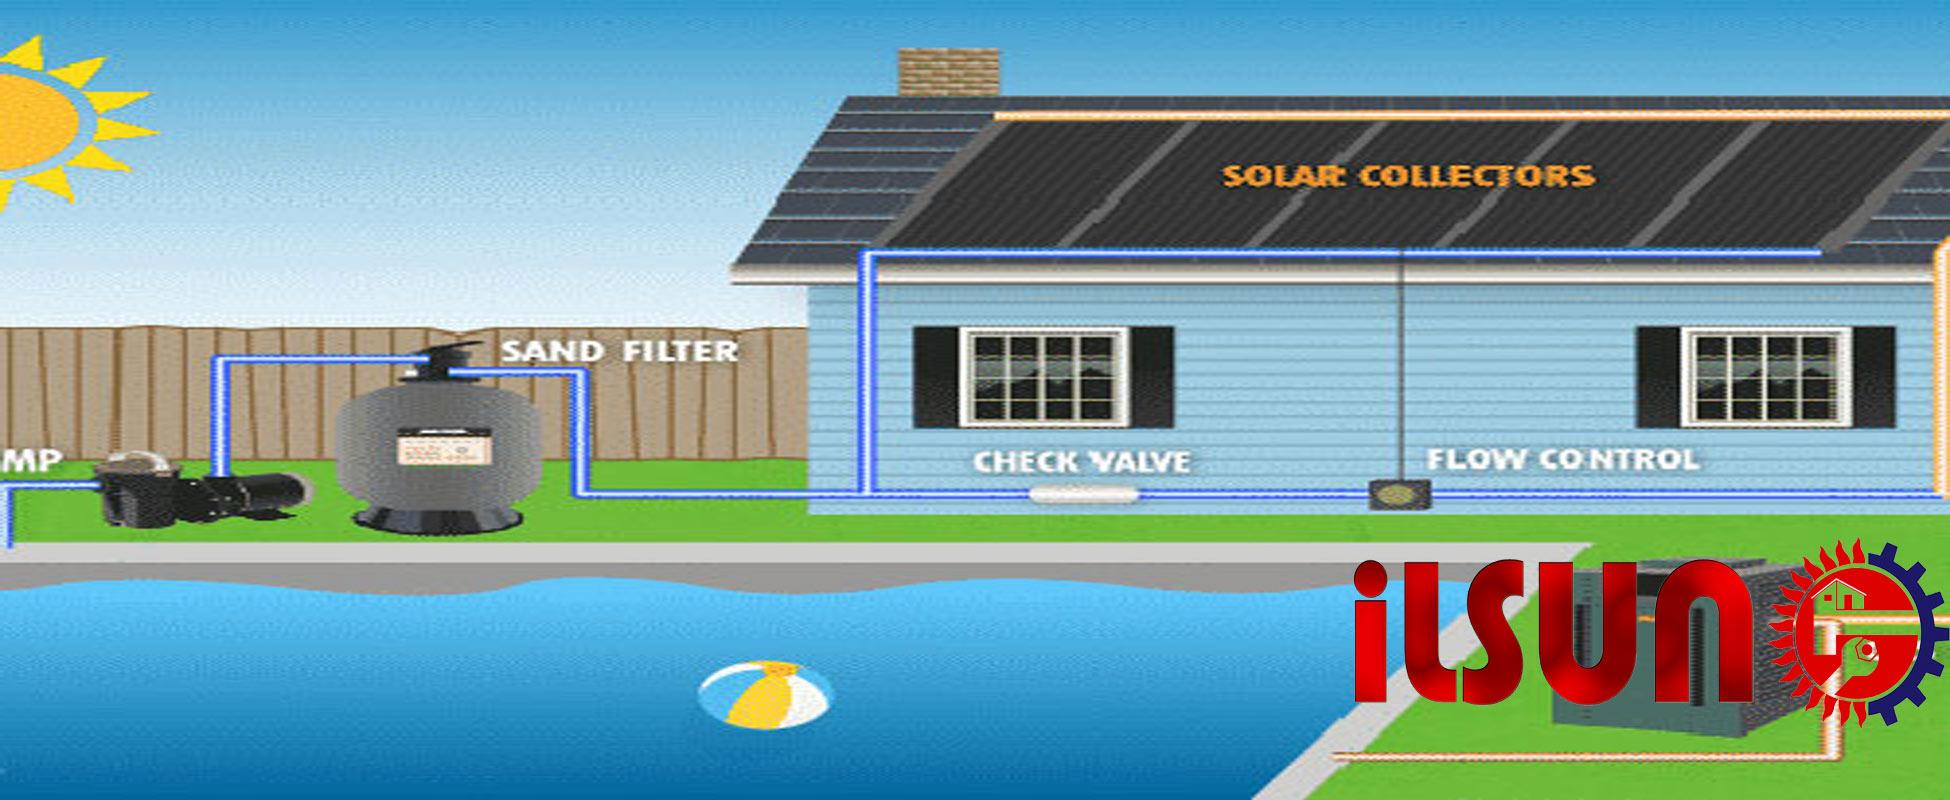 آیا آبگرمکن خورشیدی برای استخر کاربرد دارد؟